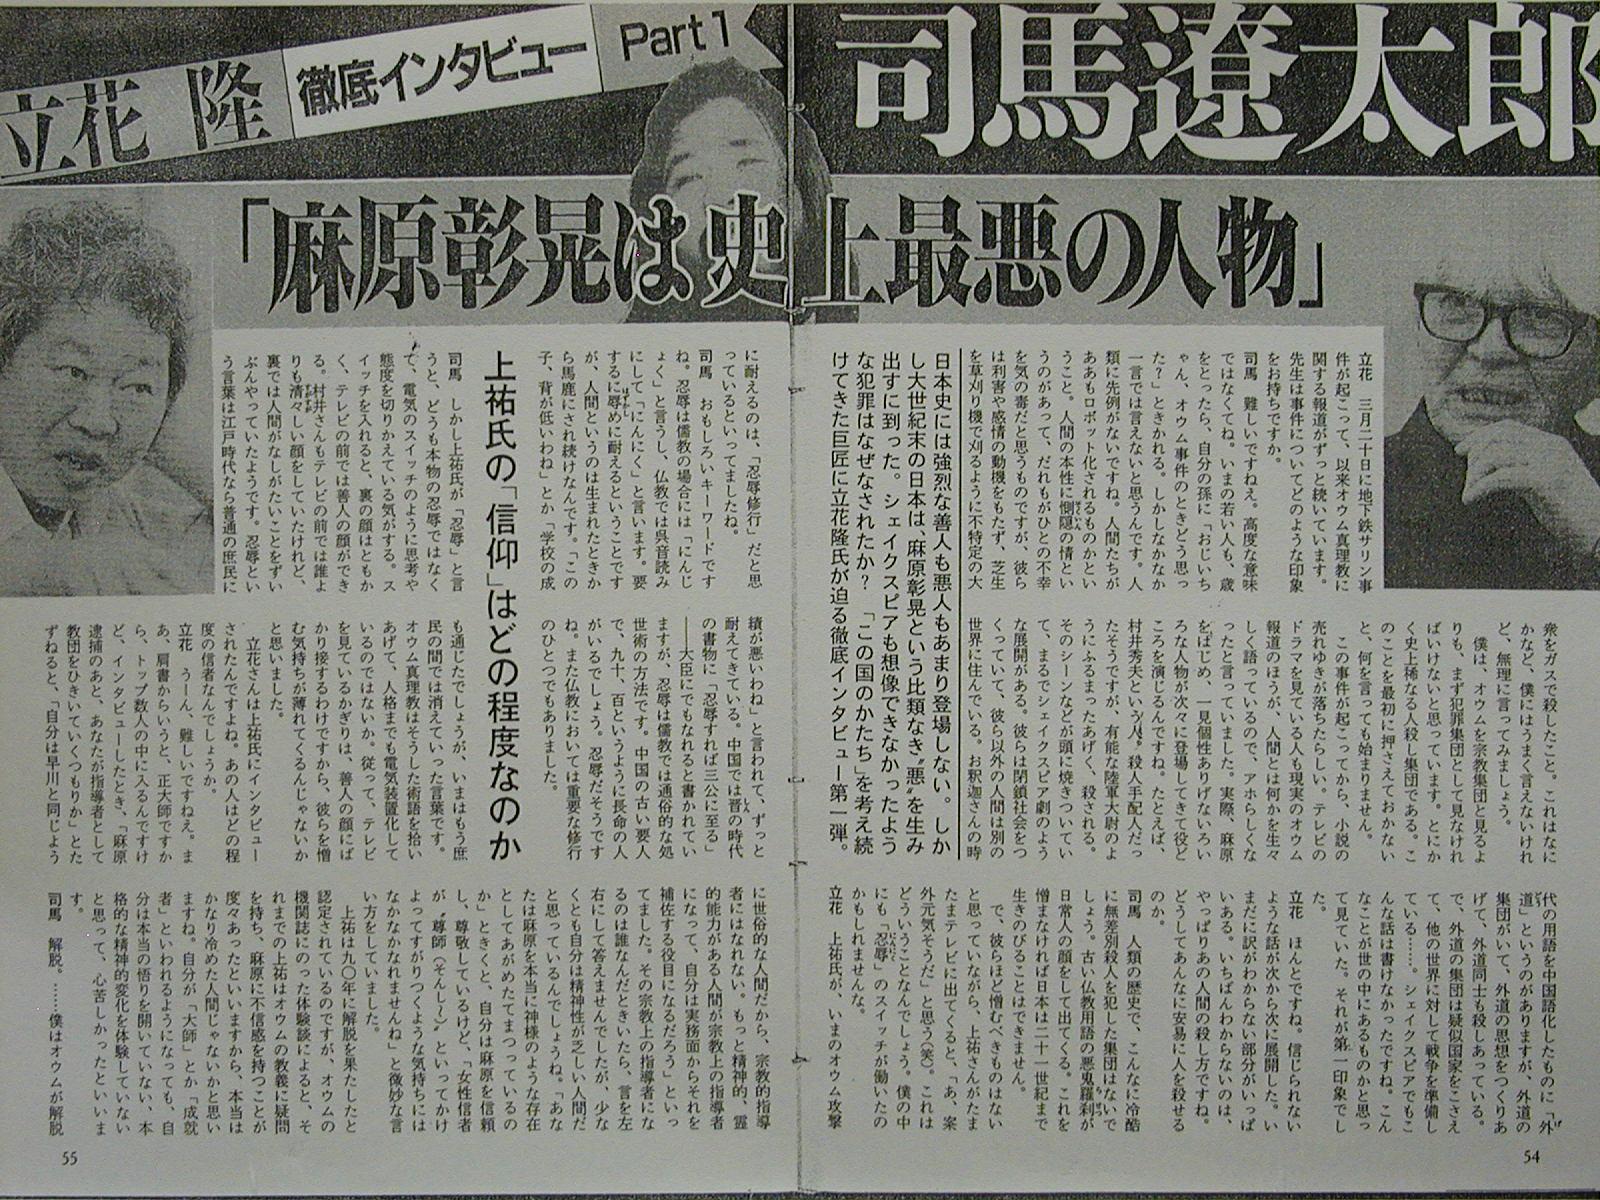 「週刊文春」1995夏・合併号